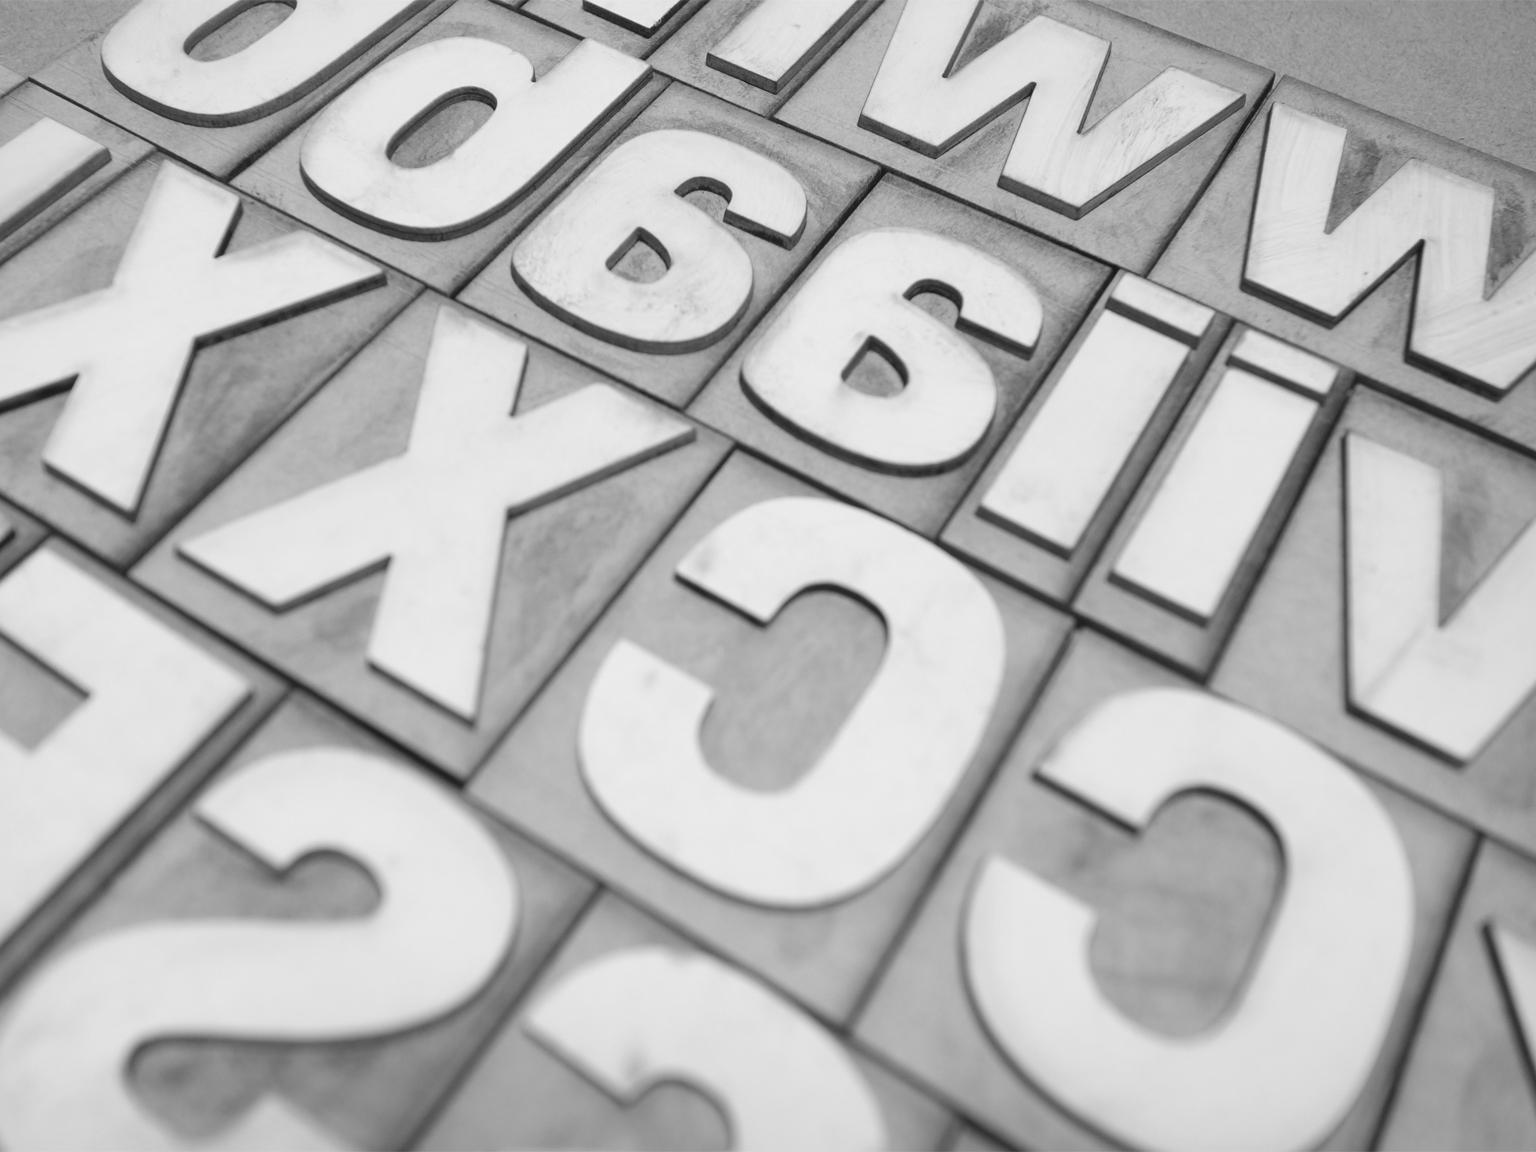 紙で出来た紙活字®は表面を削ったり形をつけることでテクスチャーを加えることが出来ます